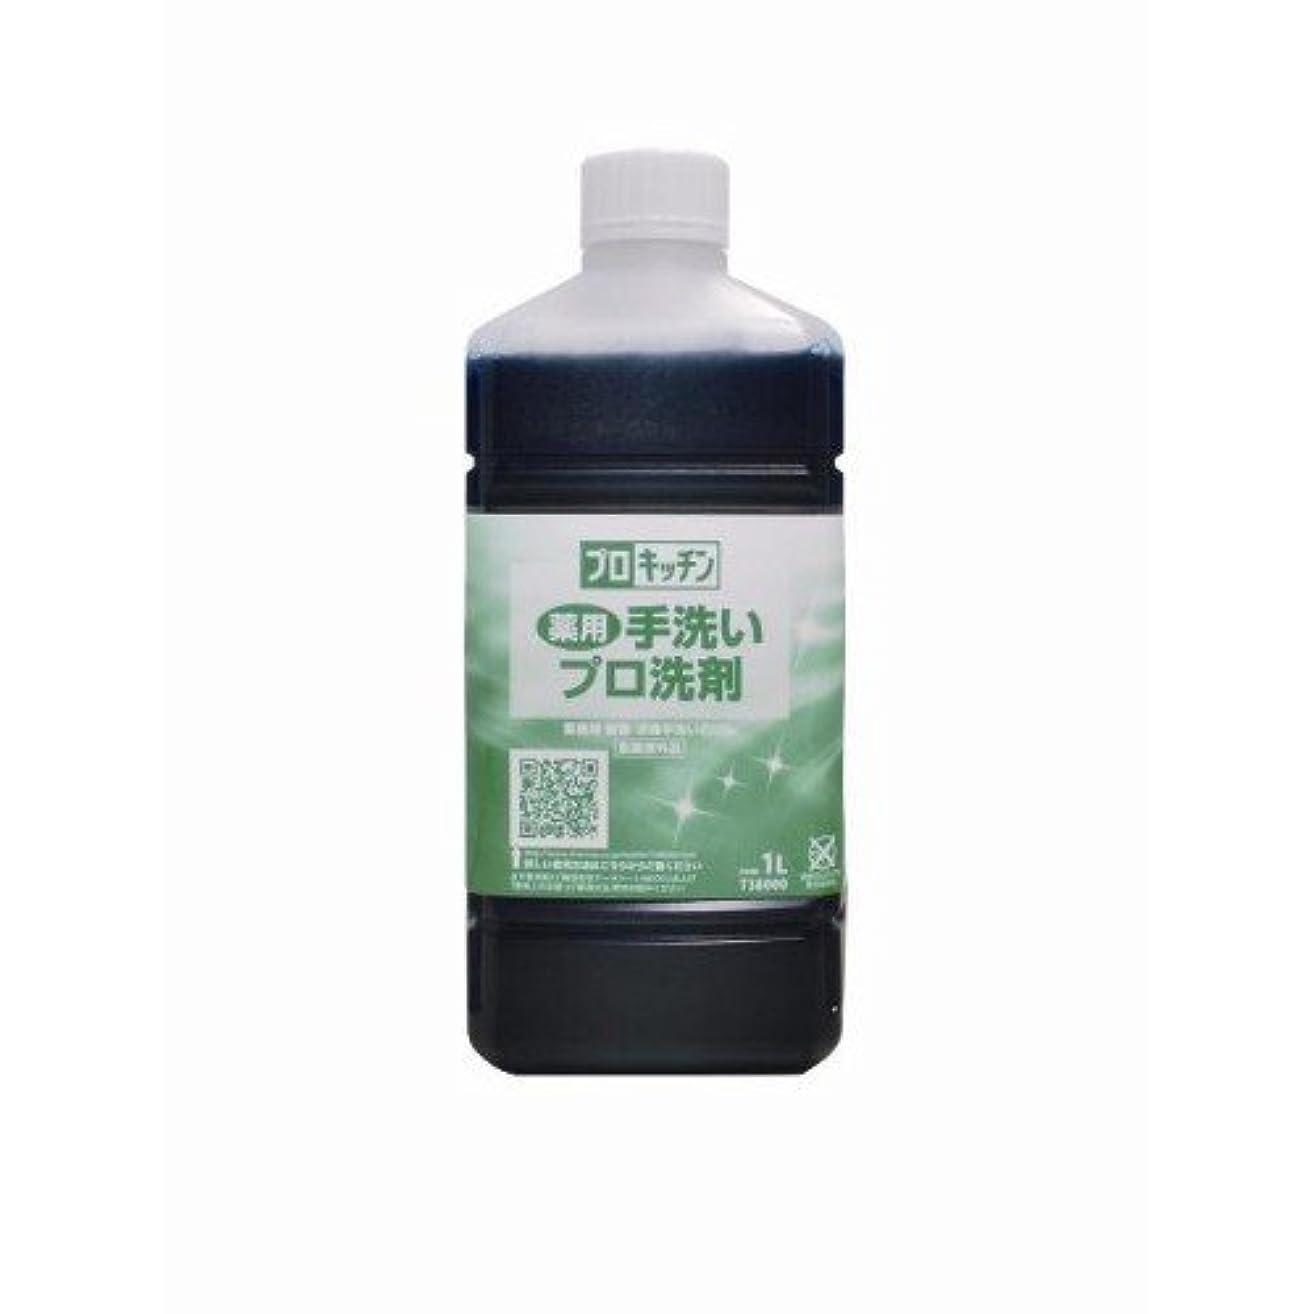 不快な工夫するセグメント薬用手洗いプロ洗剤 1L